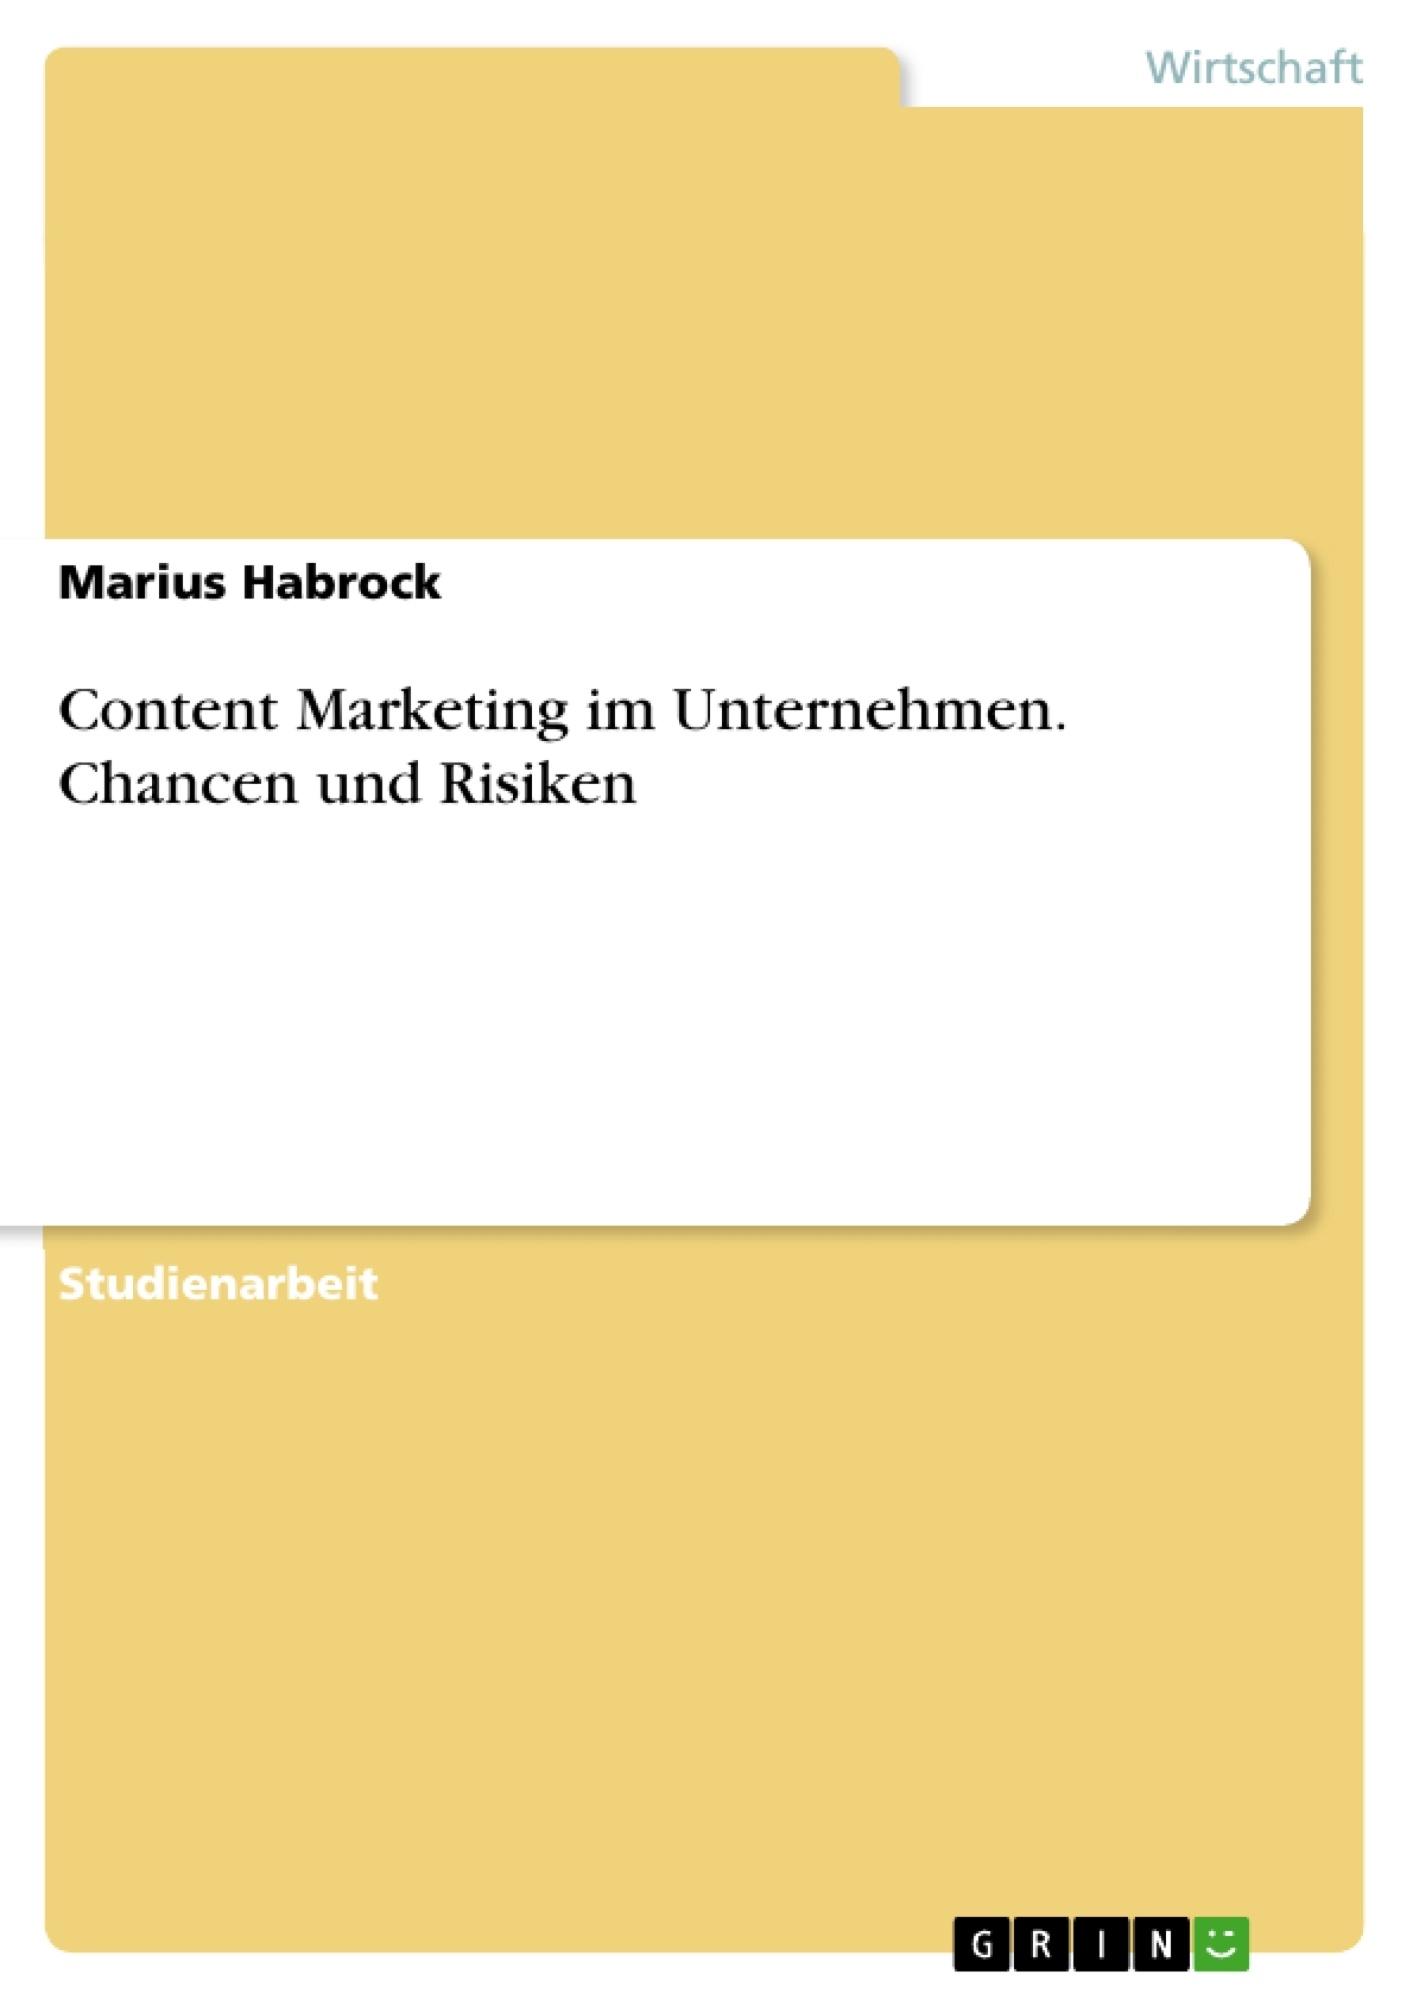 Titel: Content Marketing im Unternehmen. Chancen und Risiken